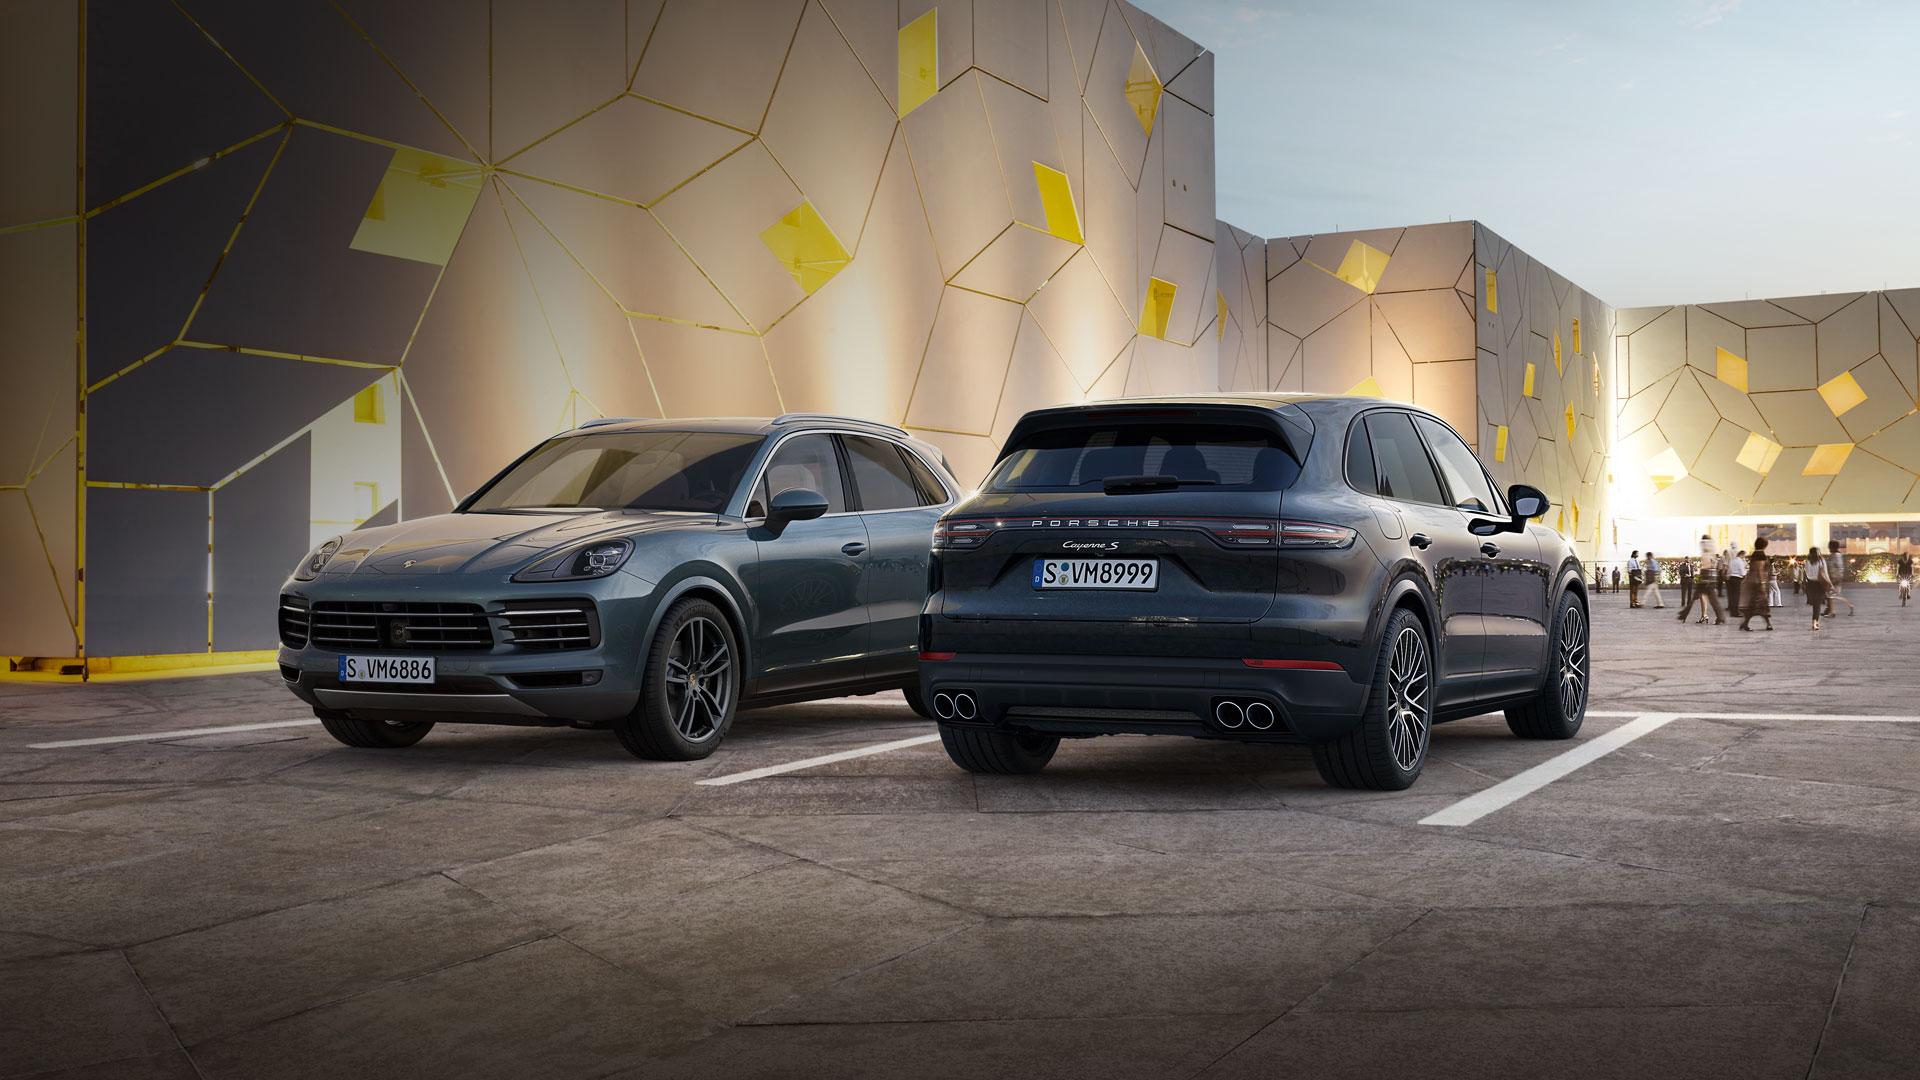 Porsche - Nowe Porsche Cayenne. - Moc wspólnych wrażeń.